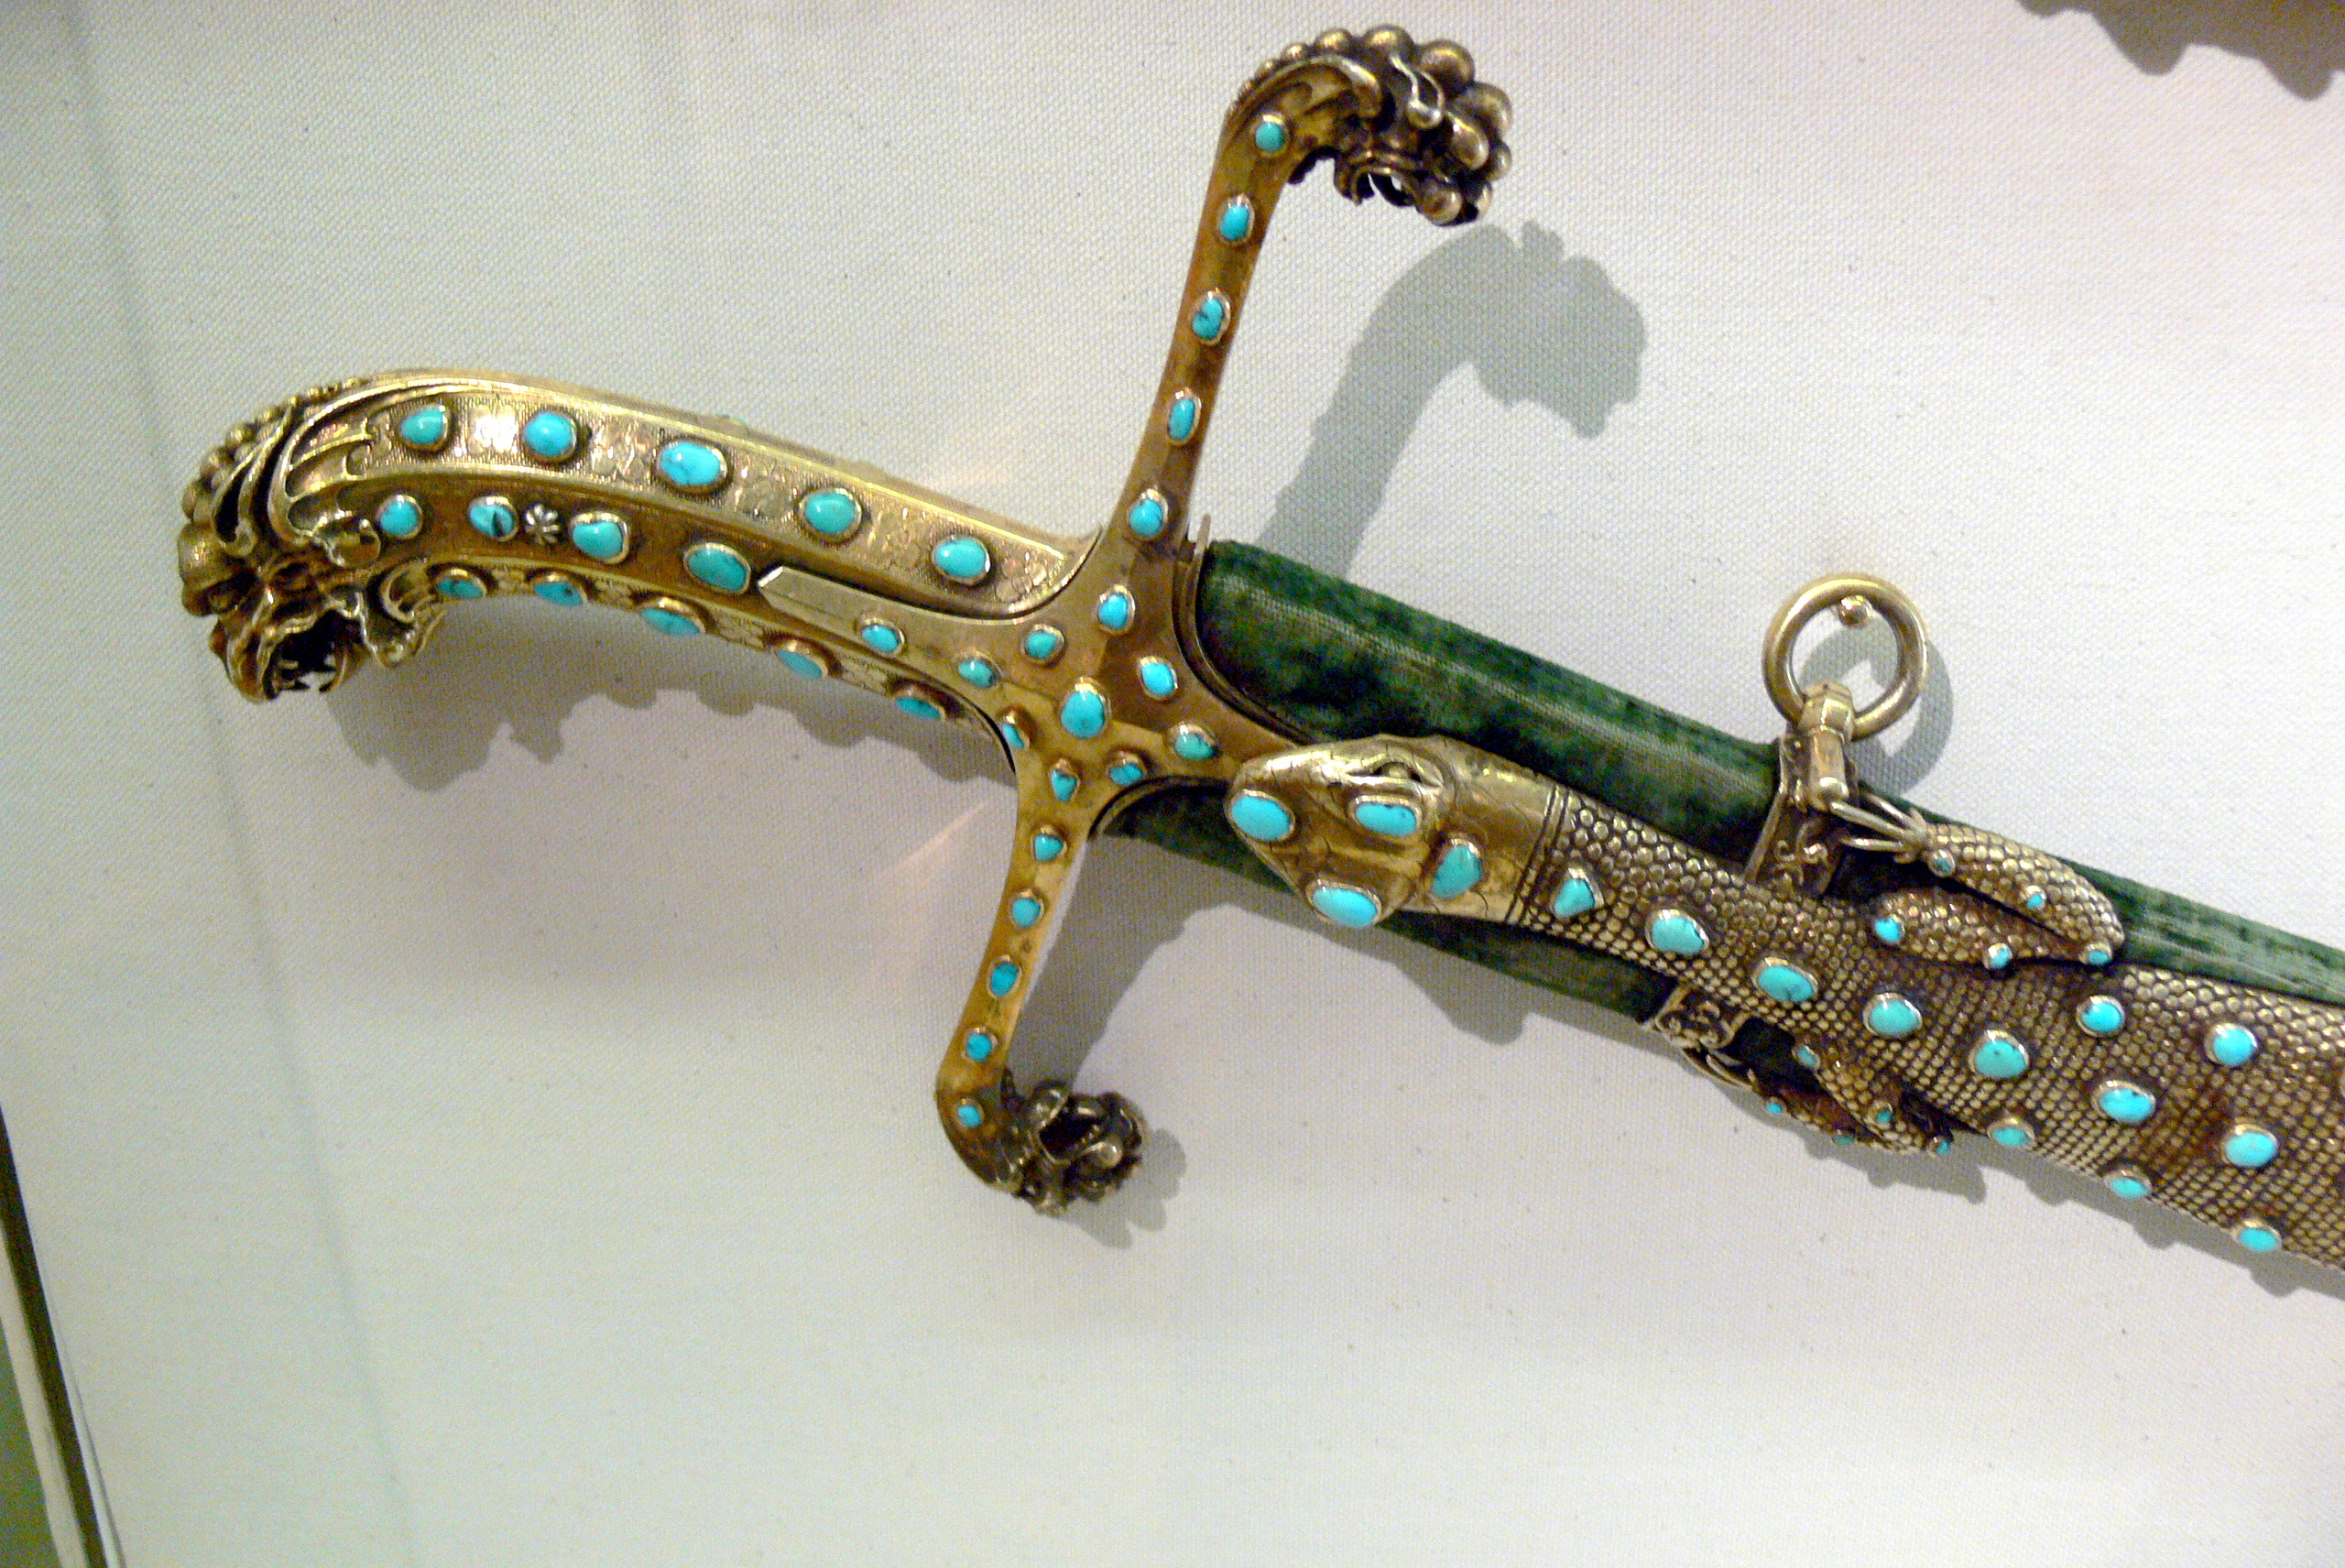 Osmanischer Säbel